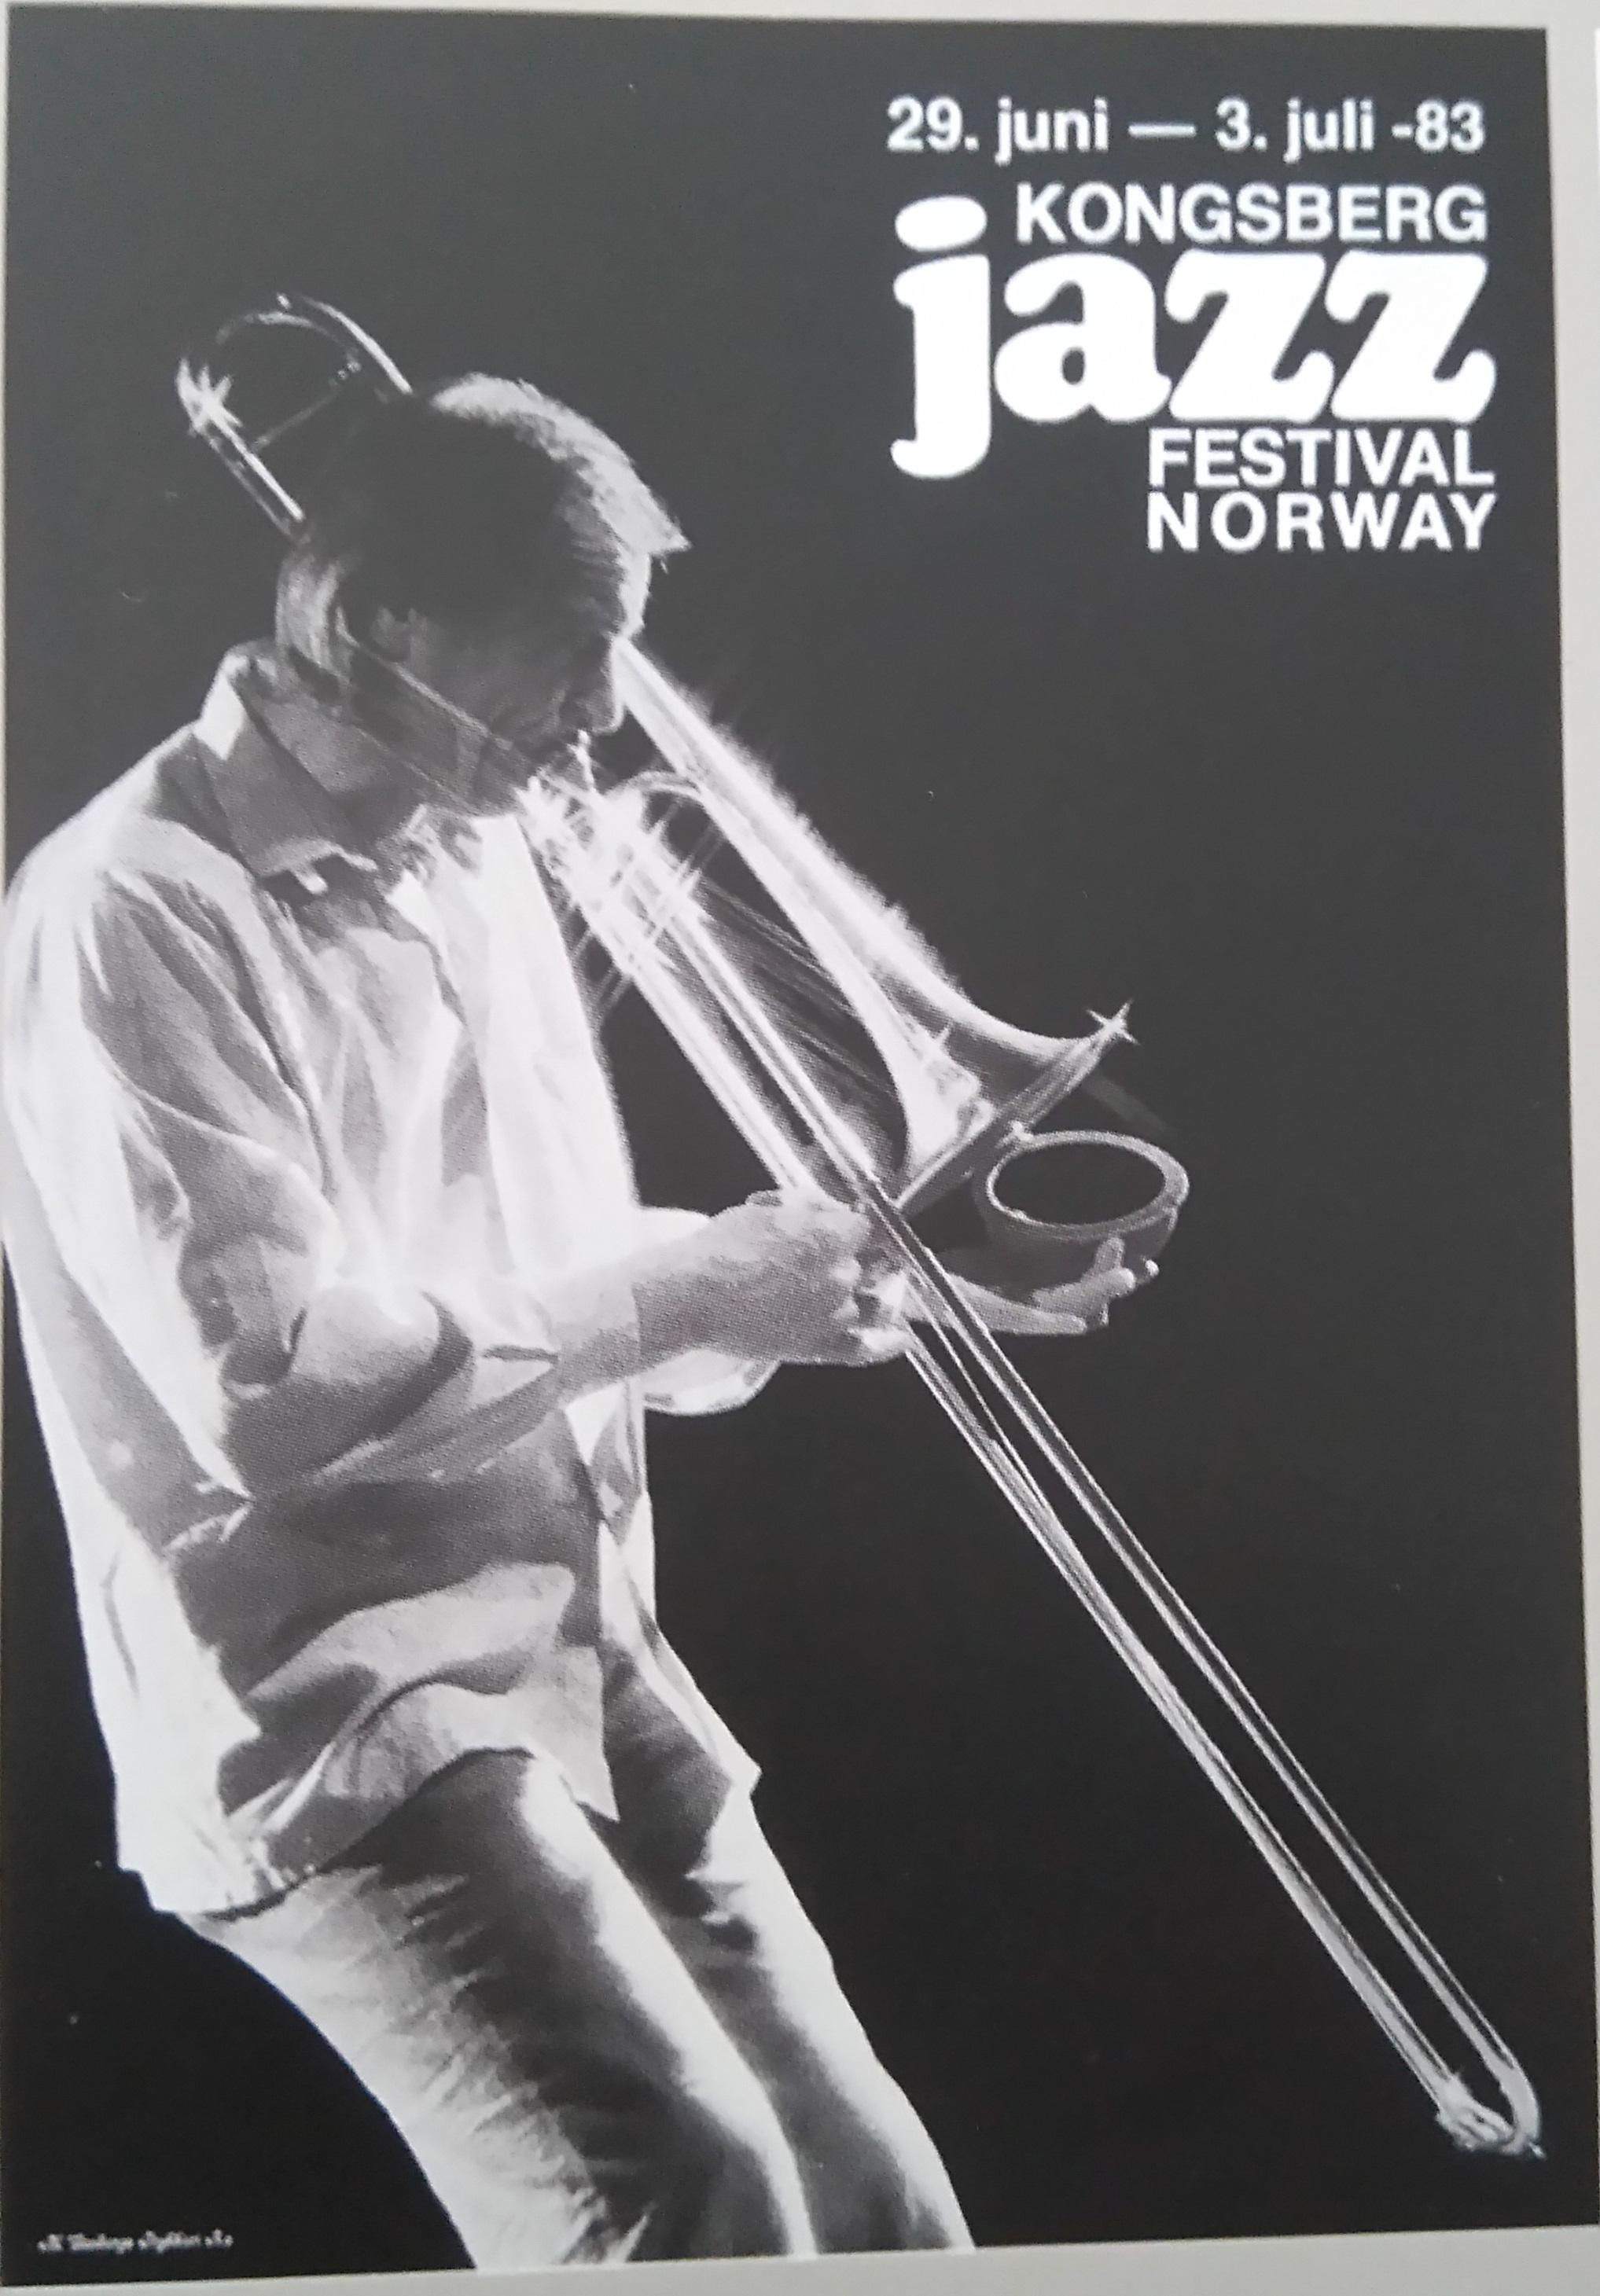 KJF poster 1983